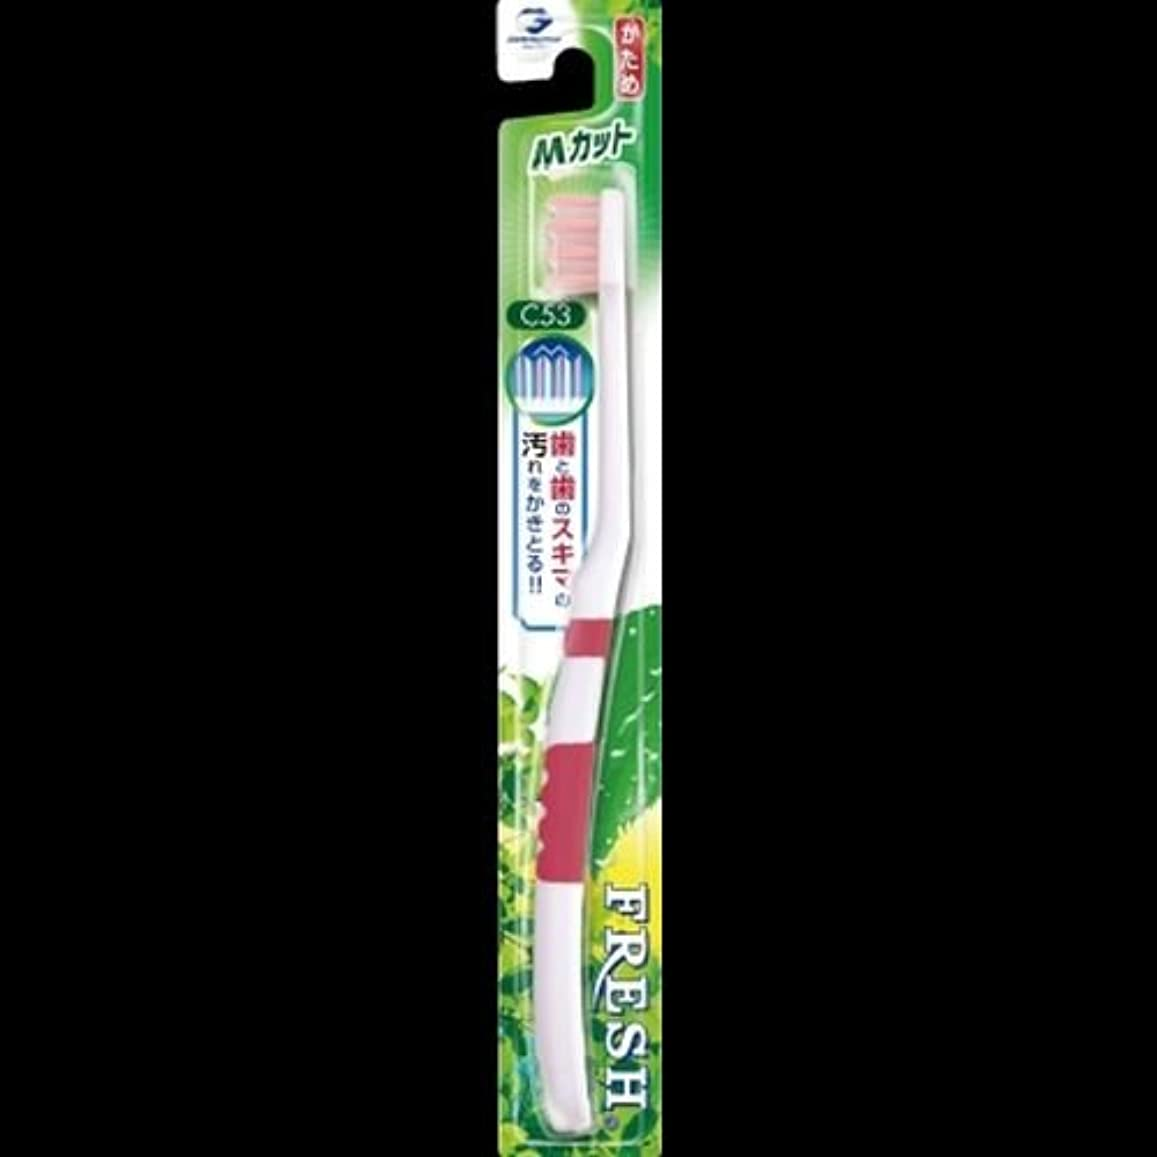 パースブラックボロウ毒液フェミニンフレッシュ ハブラシ3 Mカット かため アソート(ホワイト&ブルー?ホワイト&グリーン?ホワイト&ピンク?ホワイト&イエローのうち1色。色はおまかせ) ×2セット